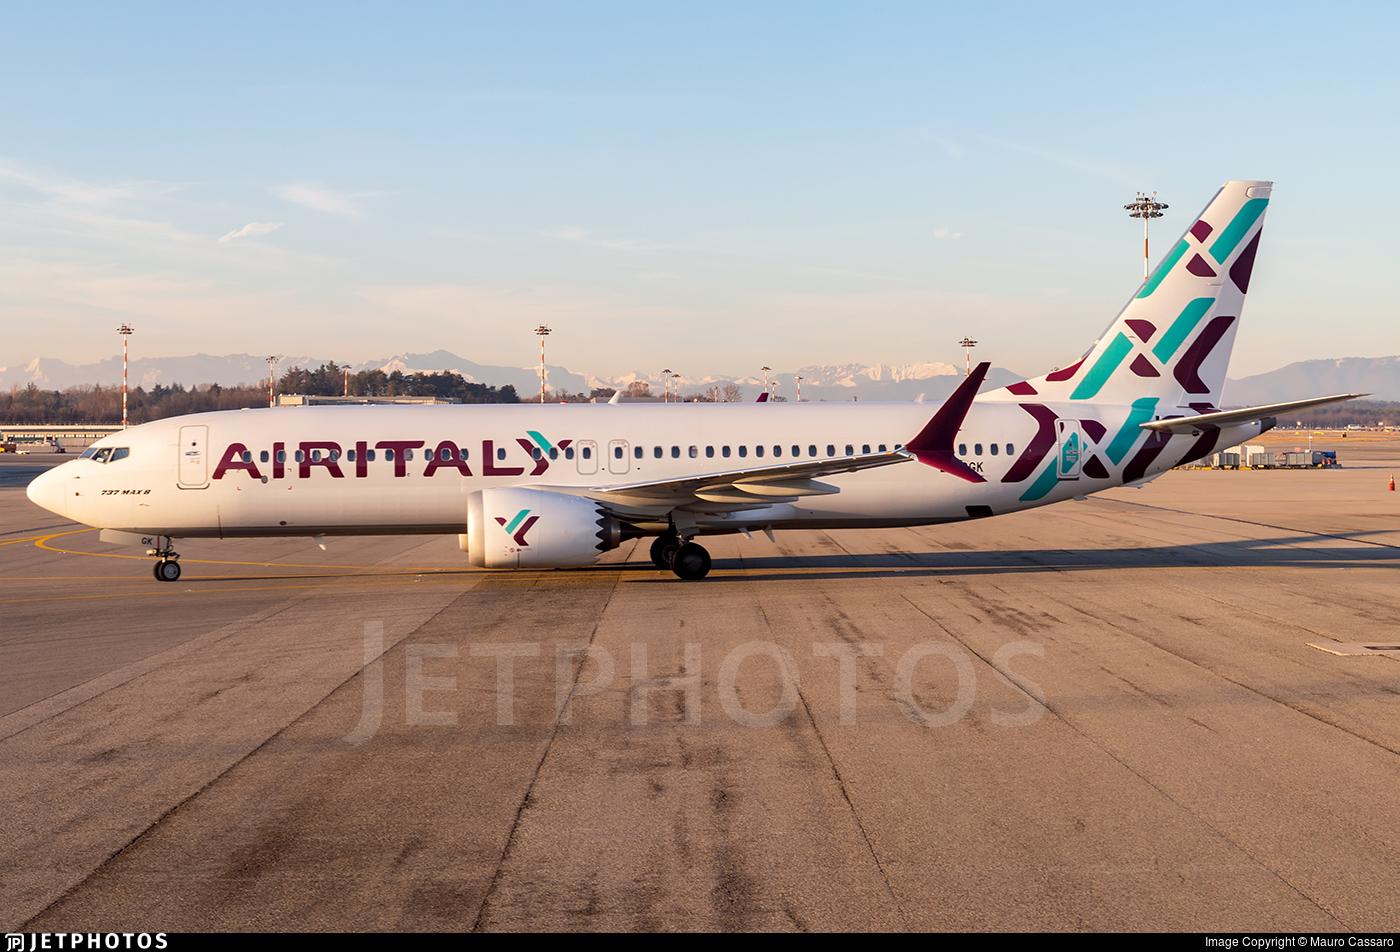 EI-GGK - Boeing 737-8 MAX - Air Italy